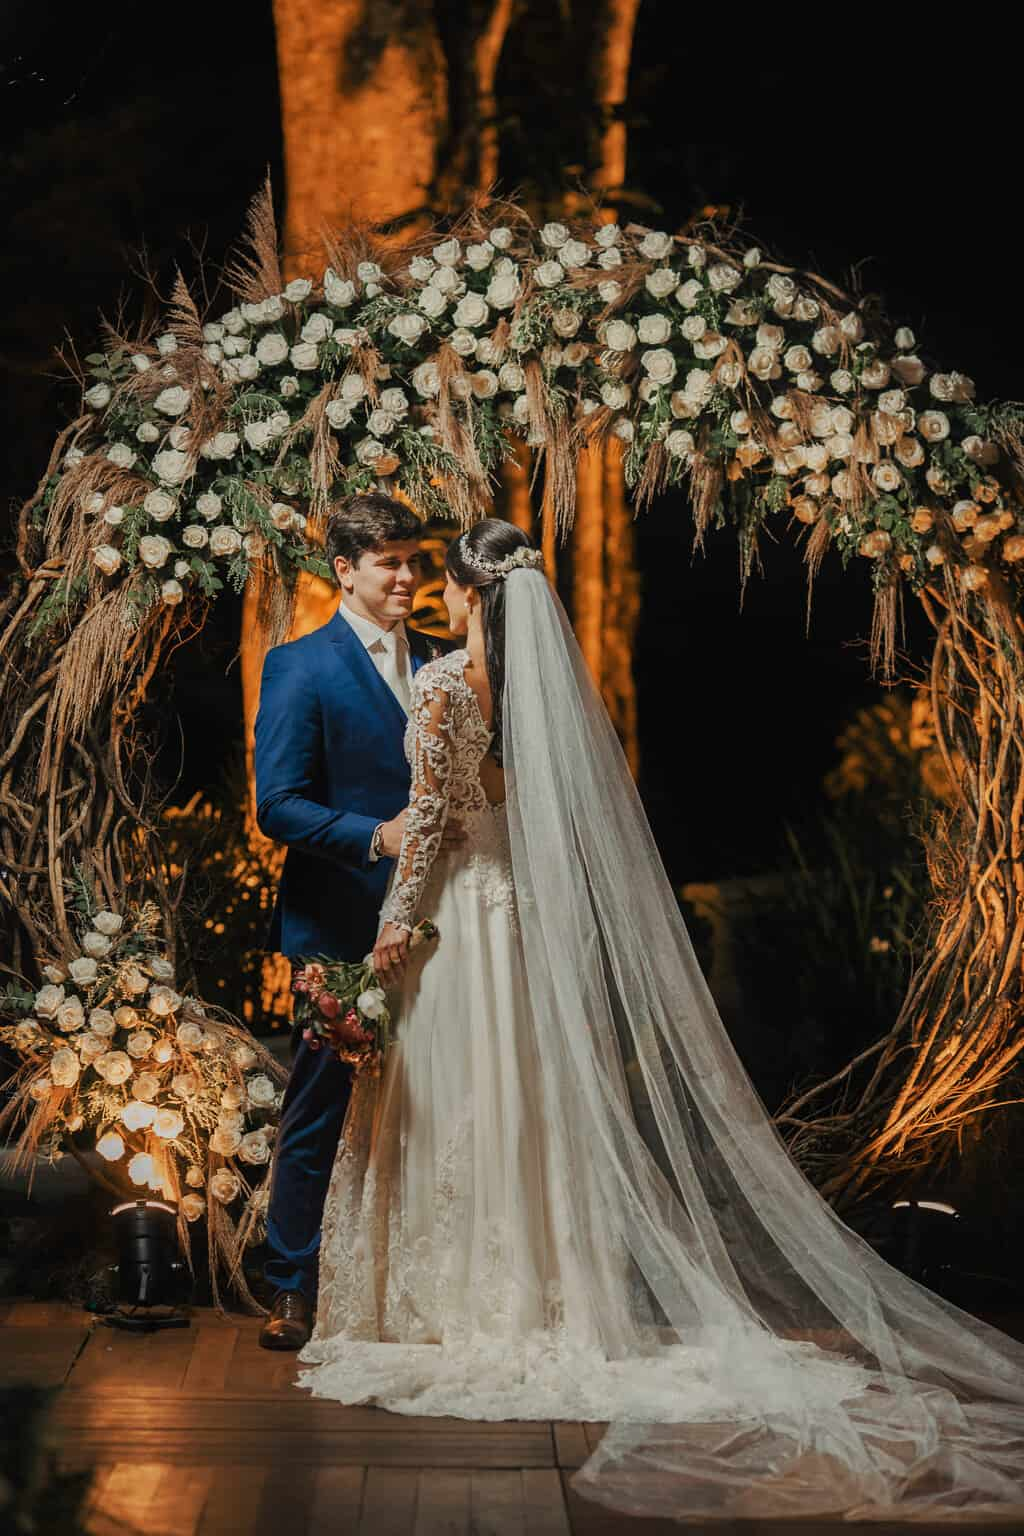 casamento-Beatriz-e-Joao-Fernando-fotos-dos-noivos-Itaipava-Locanda-Della-Mimosa-Thienny-Tammis193